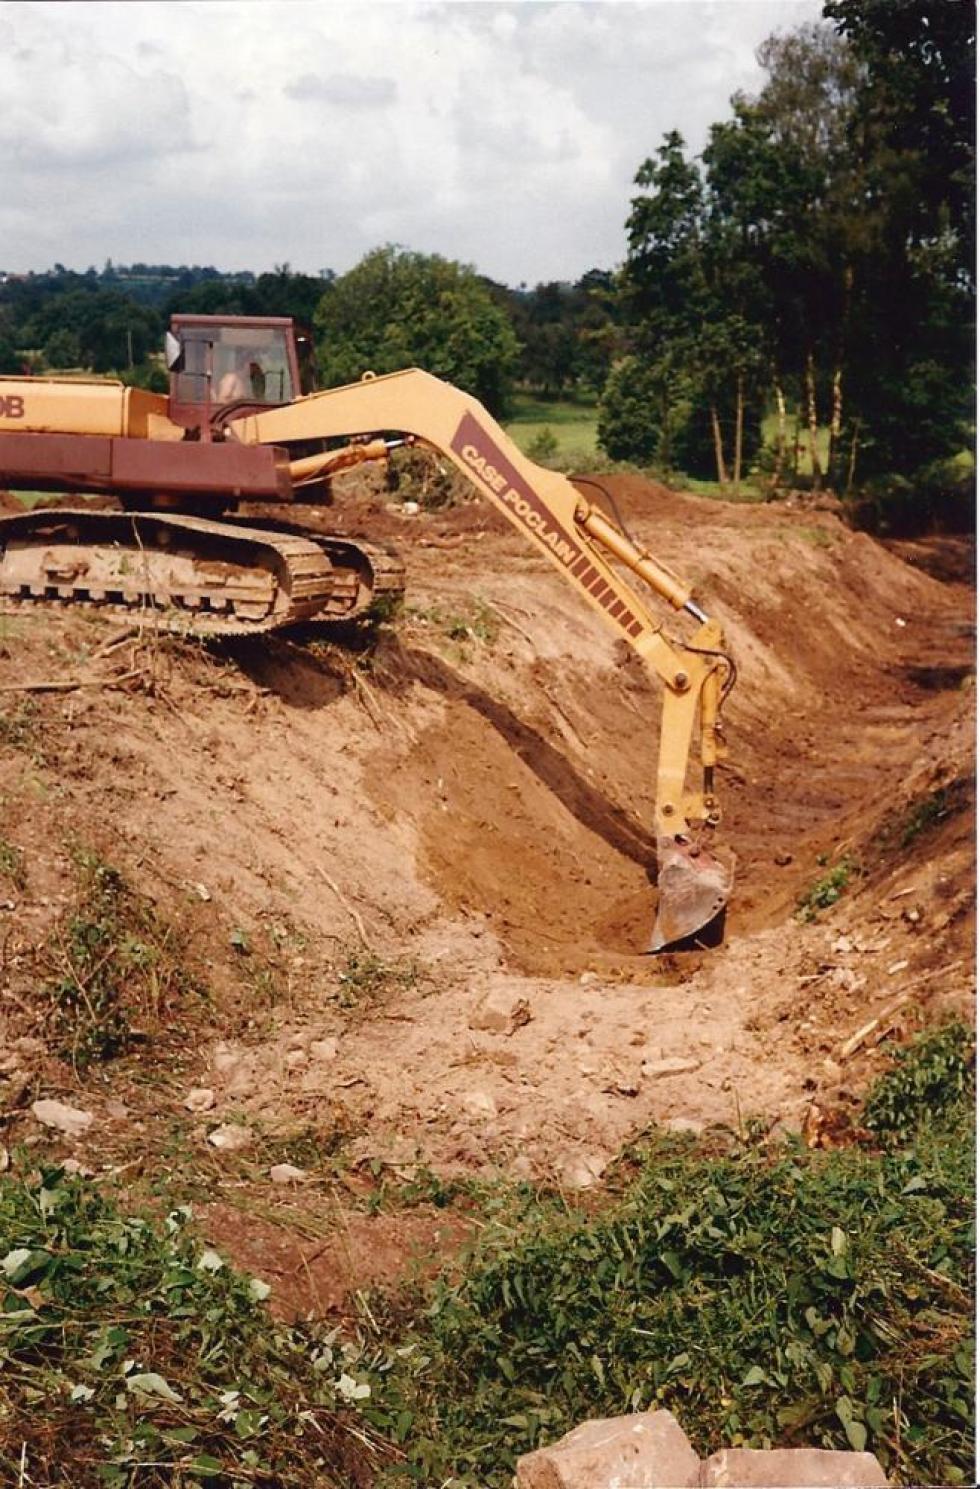 Août 1991, la pelleteuse en action pour curer la douve Nord.